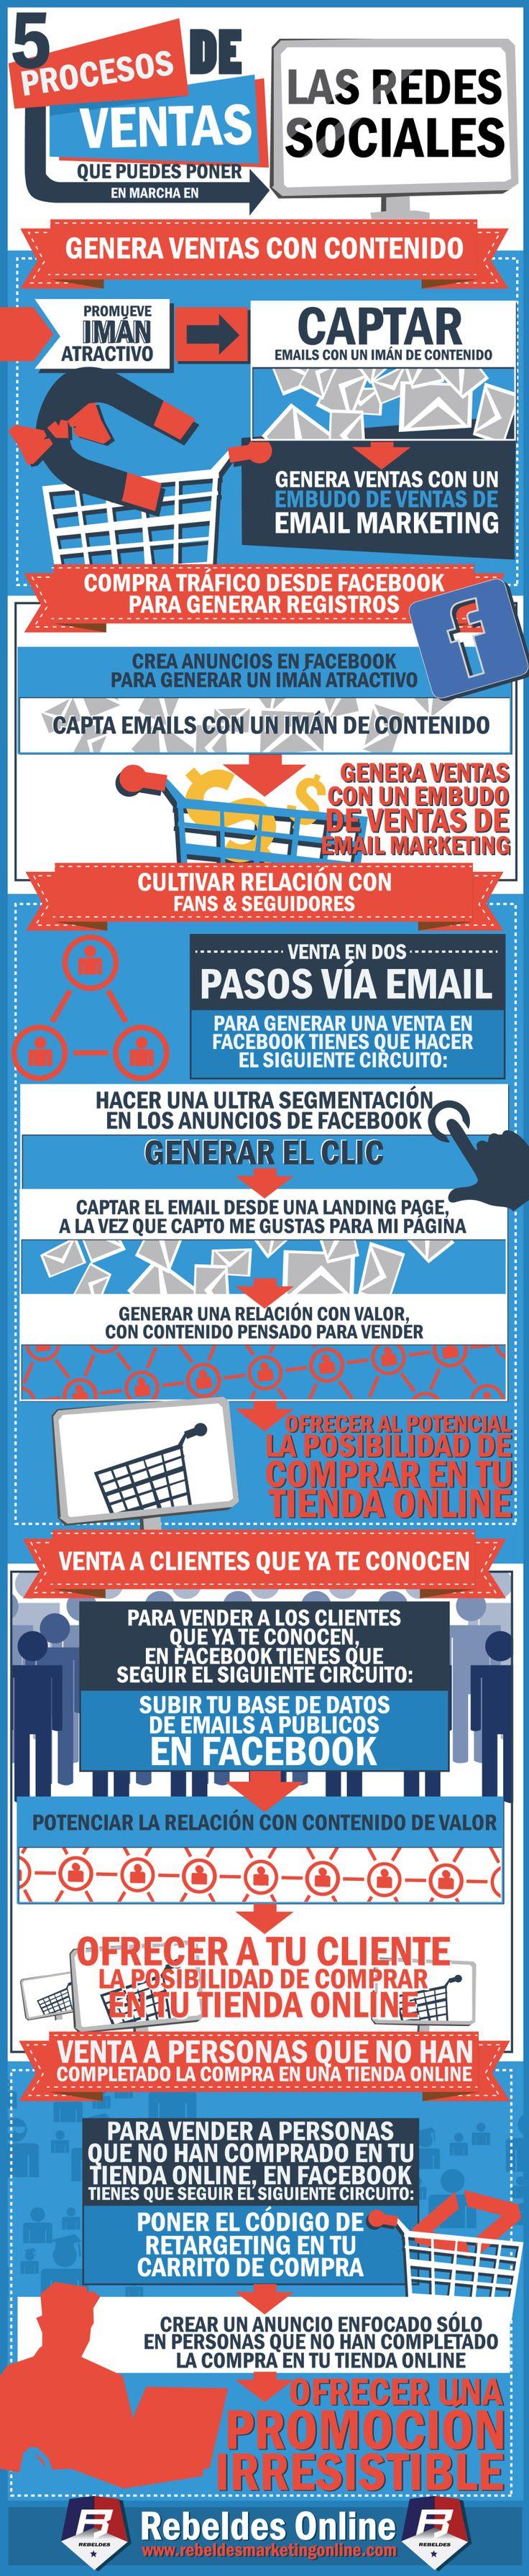 5 procesos de ventas para las Redes Sociales #RedesSociales #marketing #socialmedia